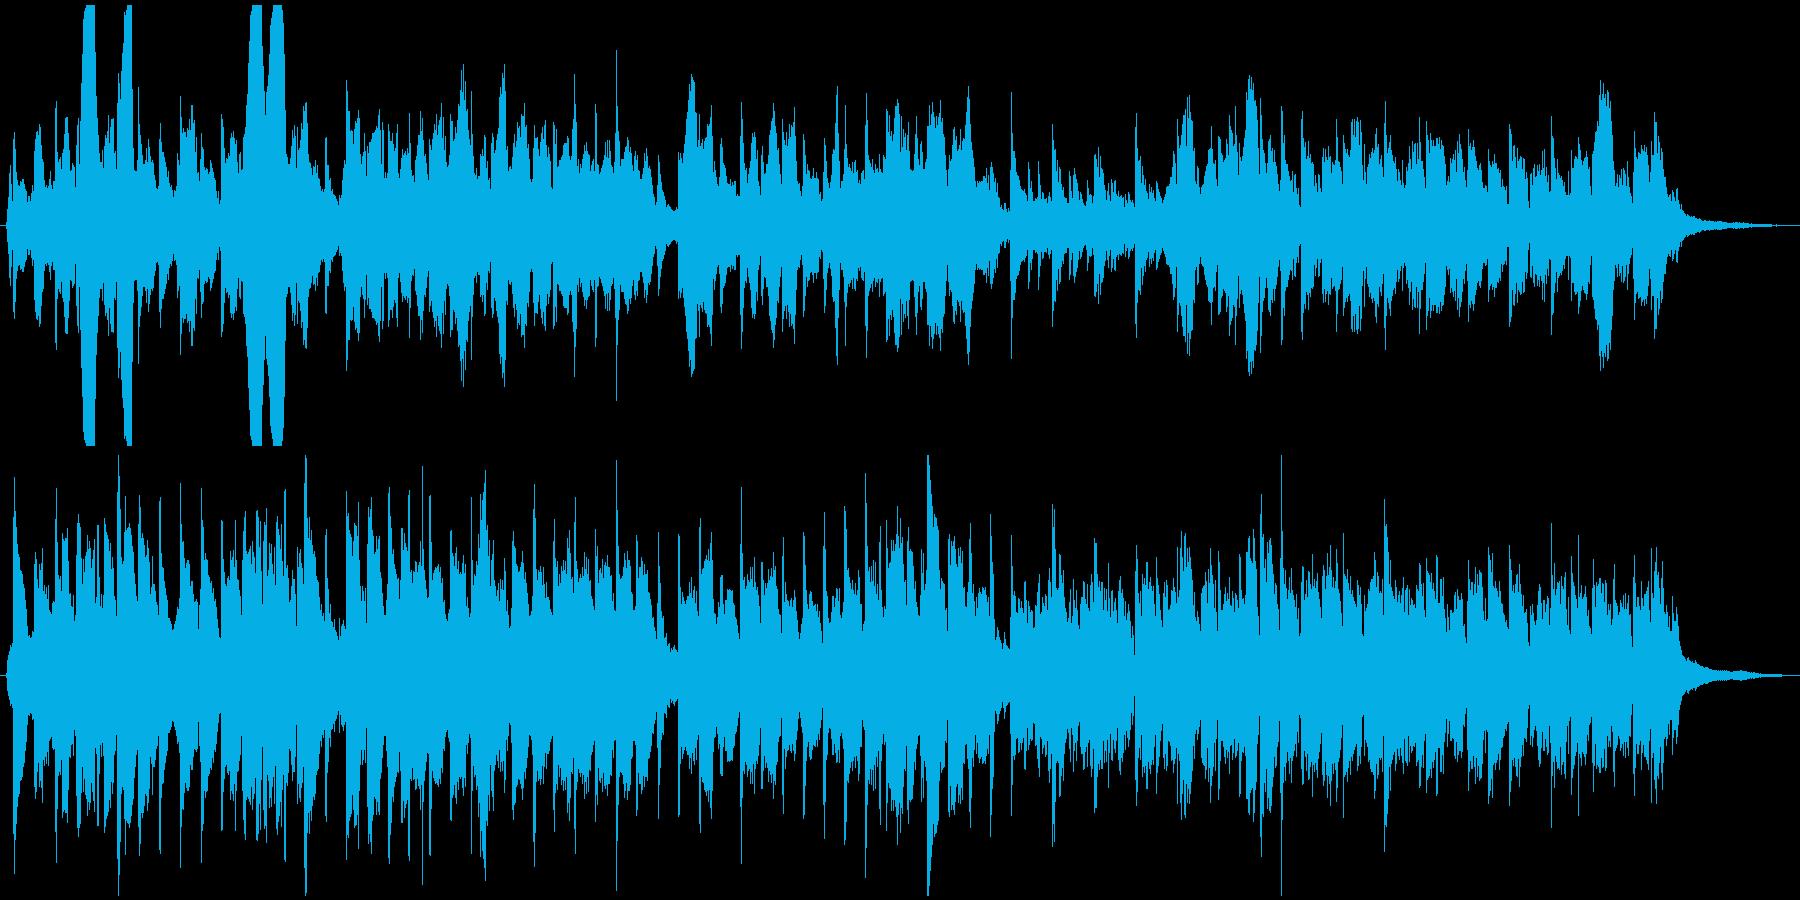 チェロとピアノによる柔らかな和風曲の再生済みの波形